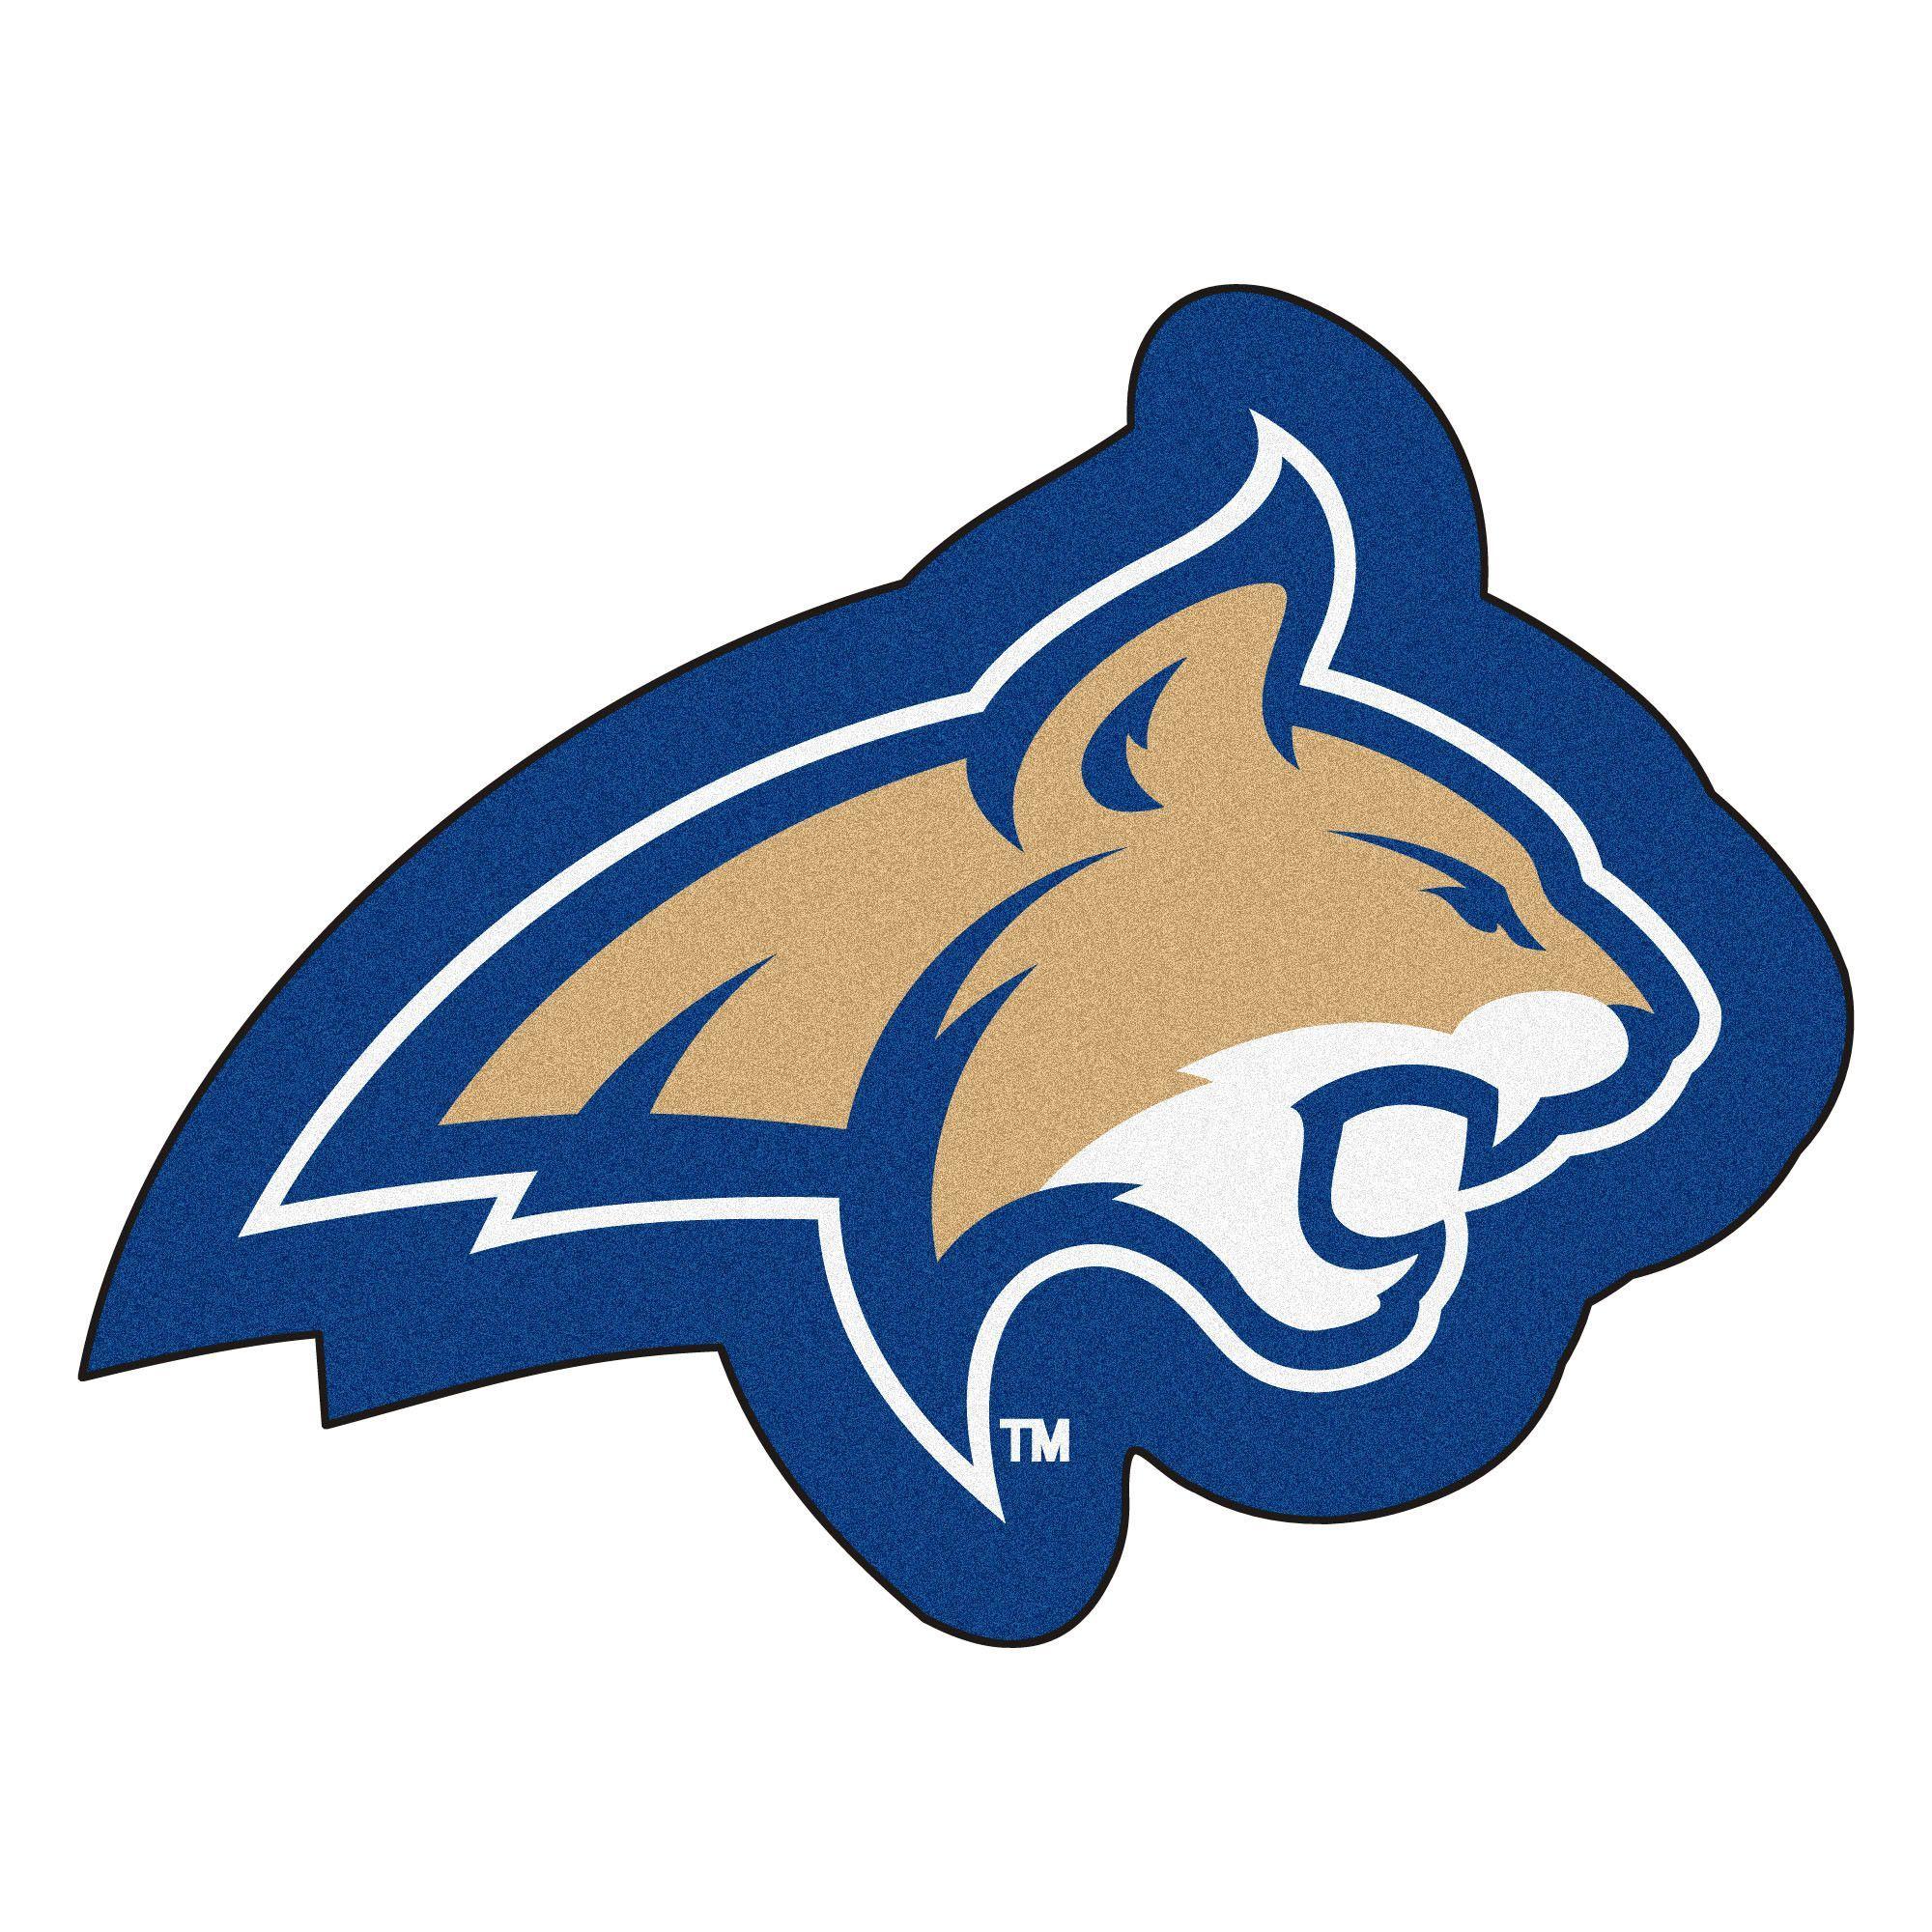 Ncaa Montana State University Mascot 40 In X 30 In Non Slip Indoor Only Door Mat Mascot Montana State Montana State University